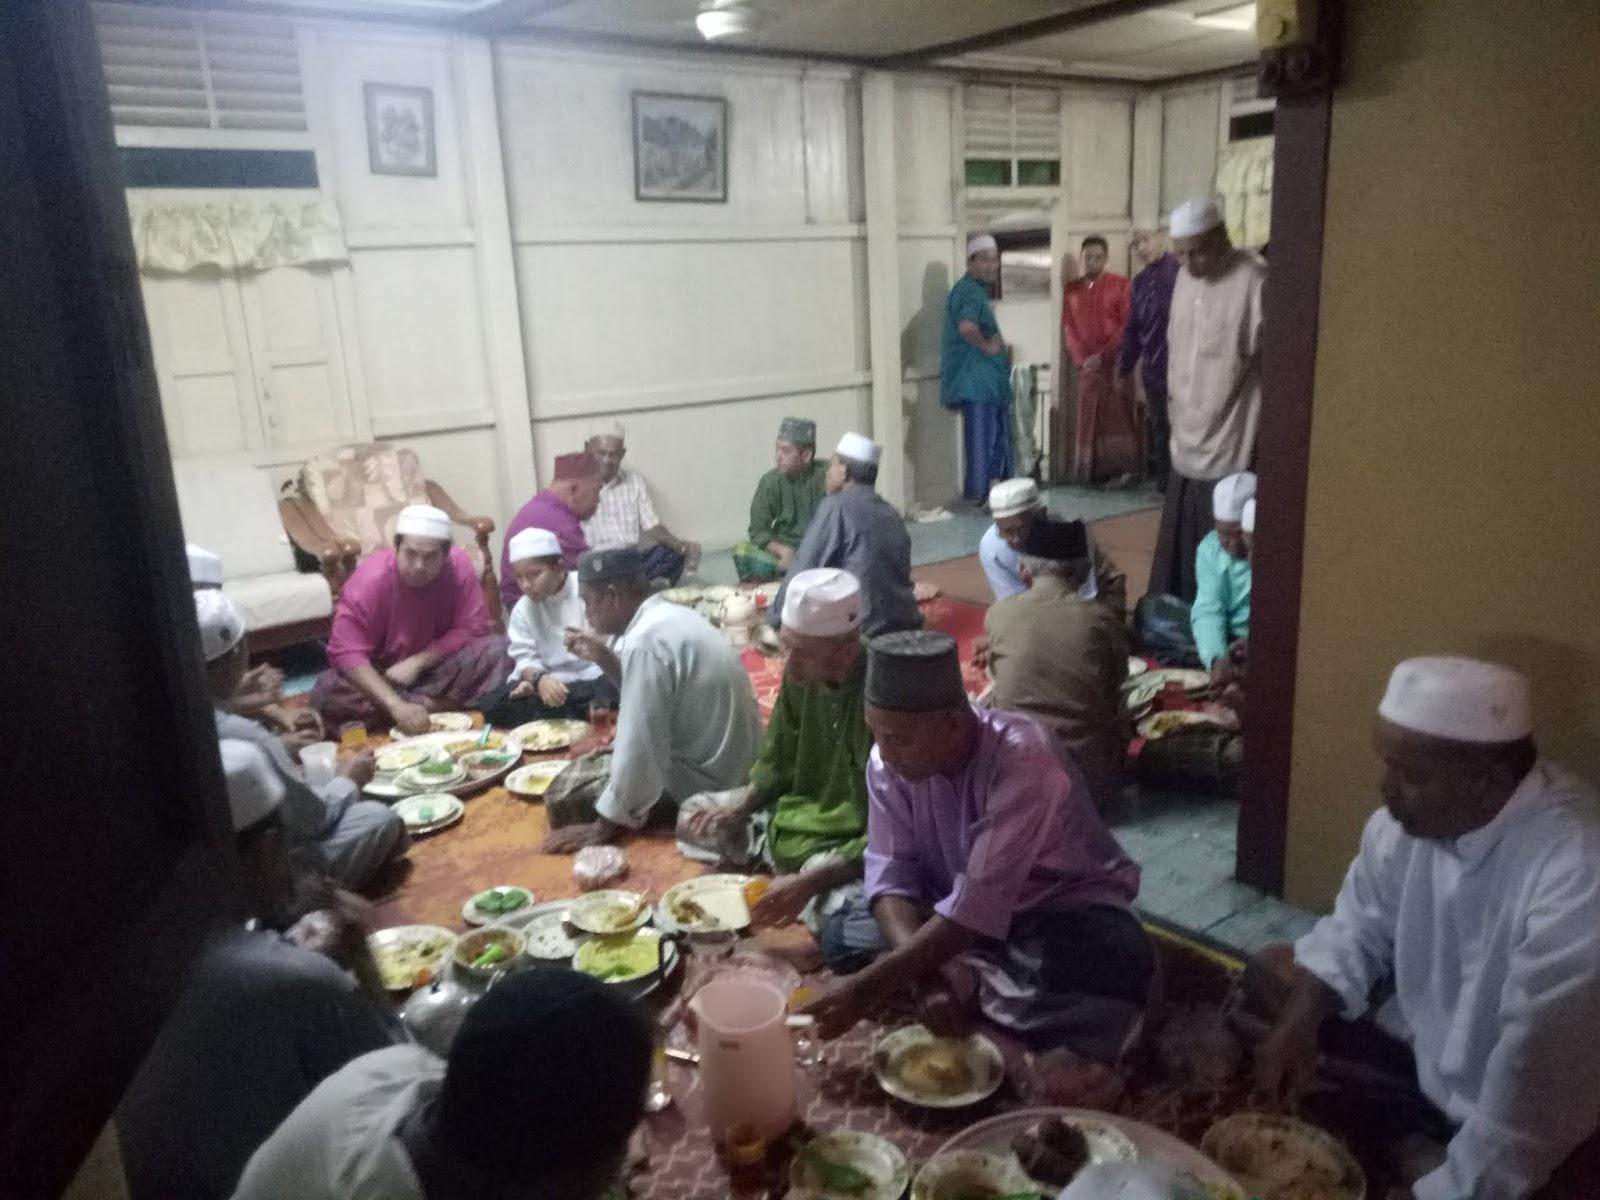 Anies You Kenduri Arwah Tahlil Dan Doa Selamat 2019